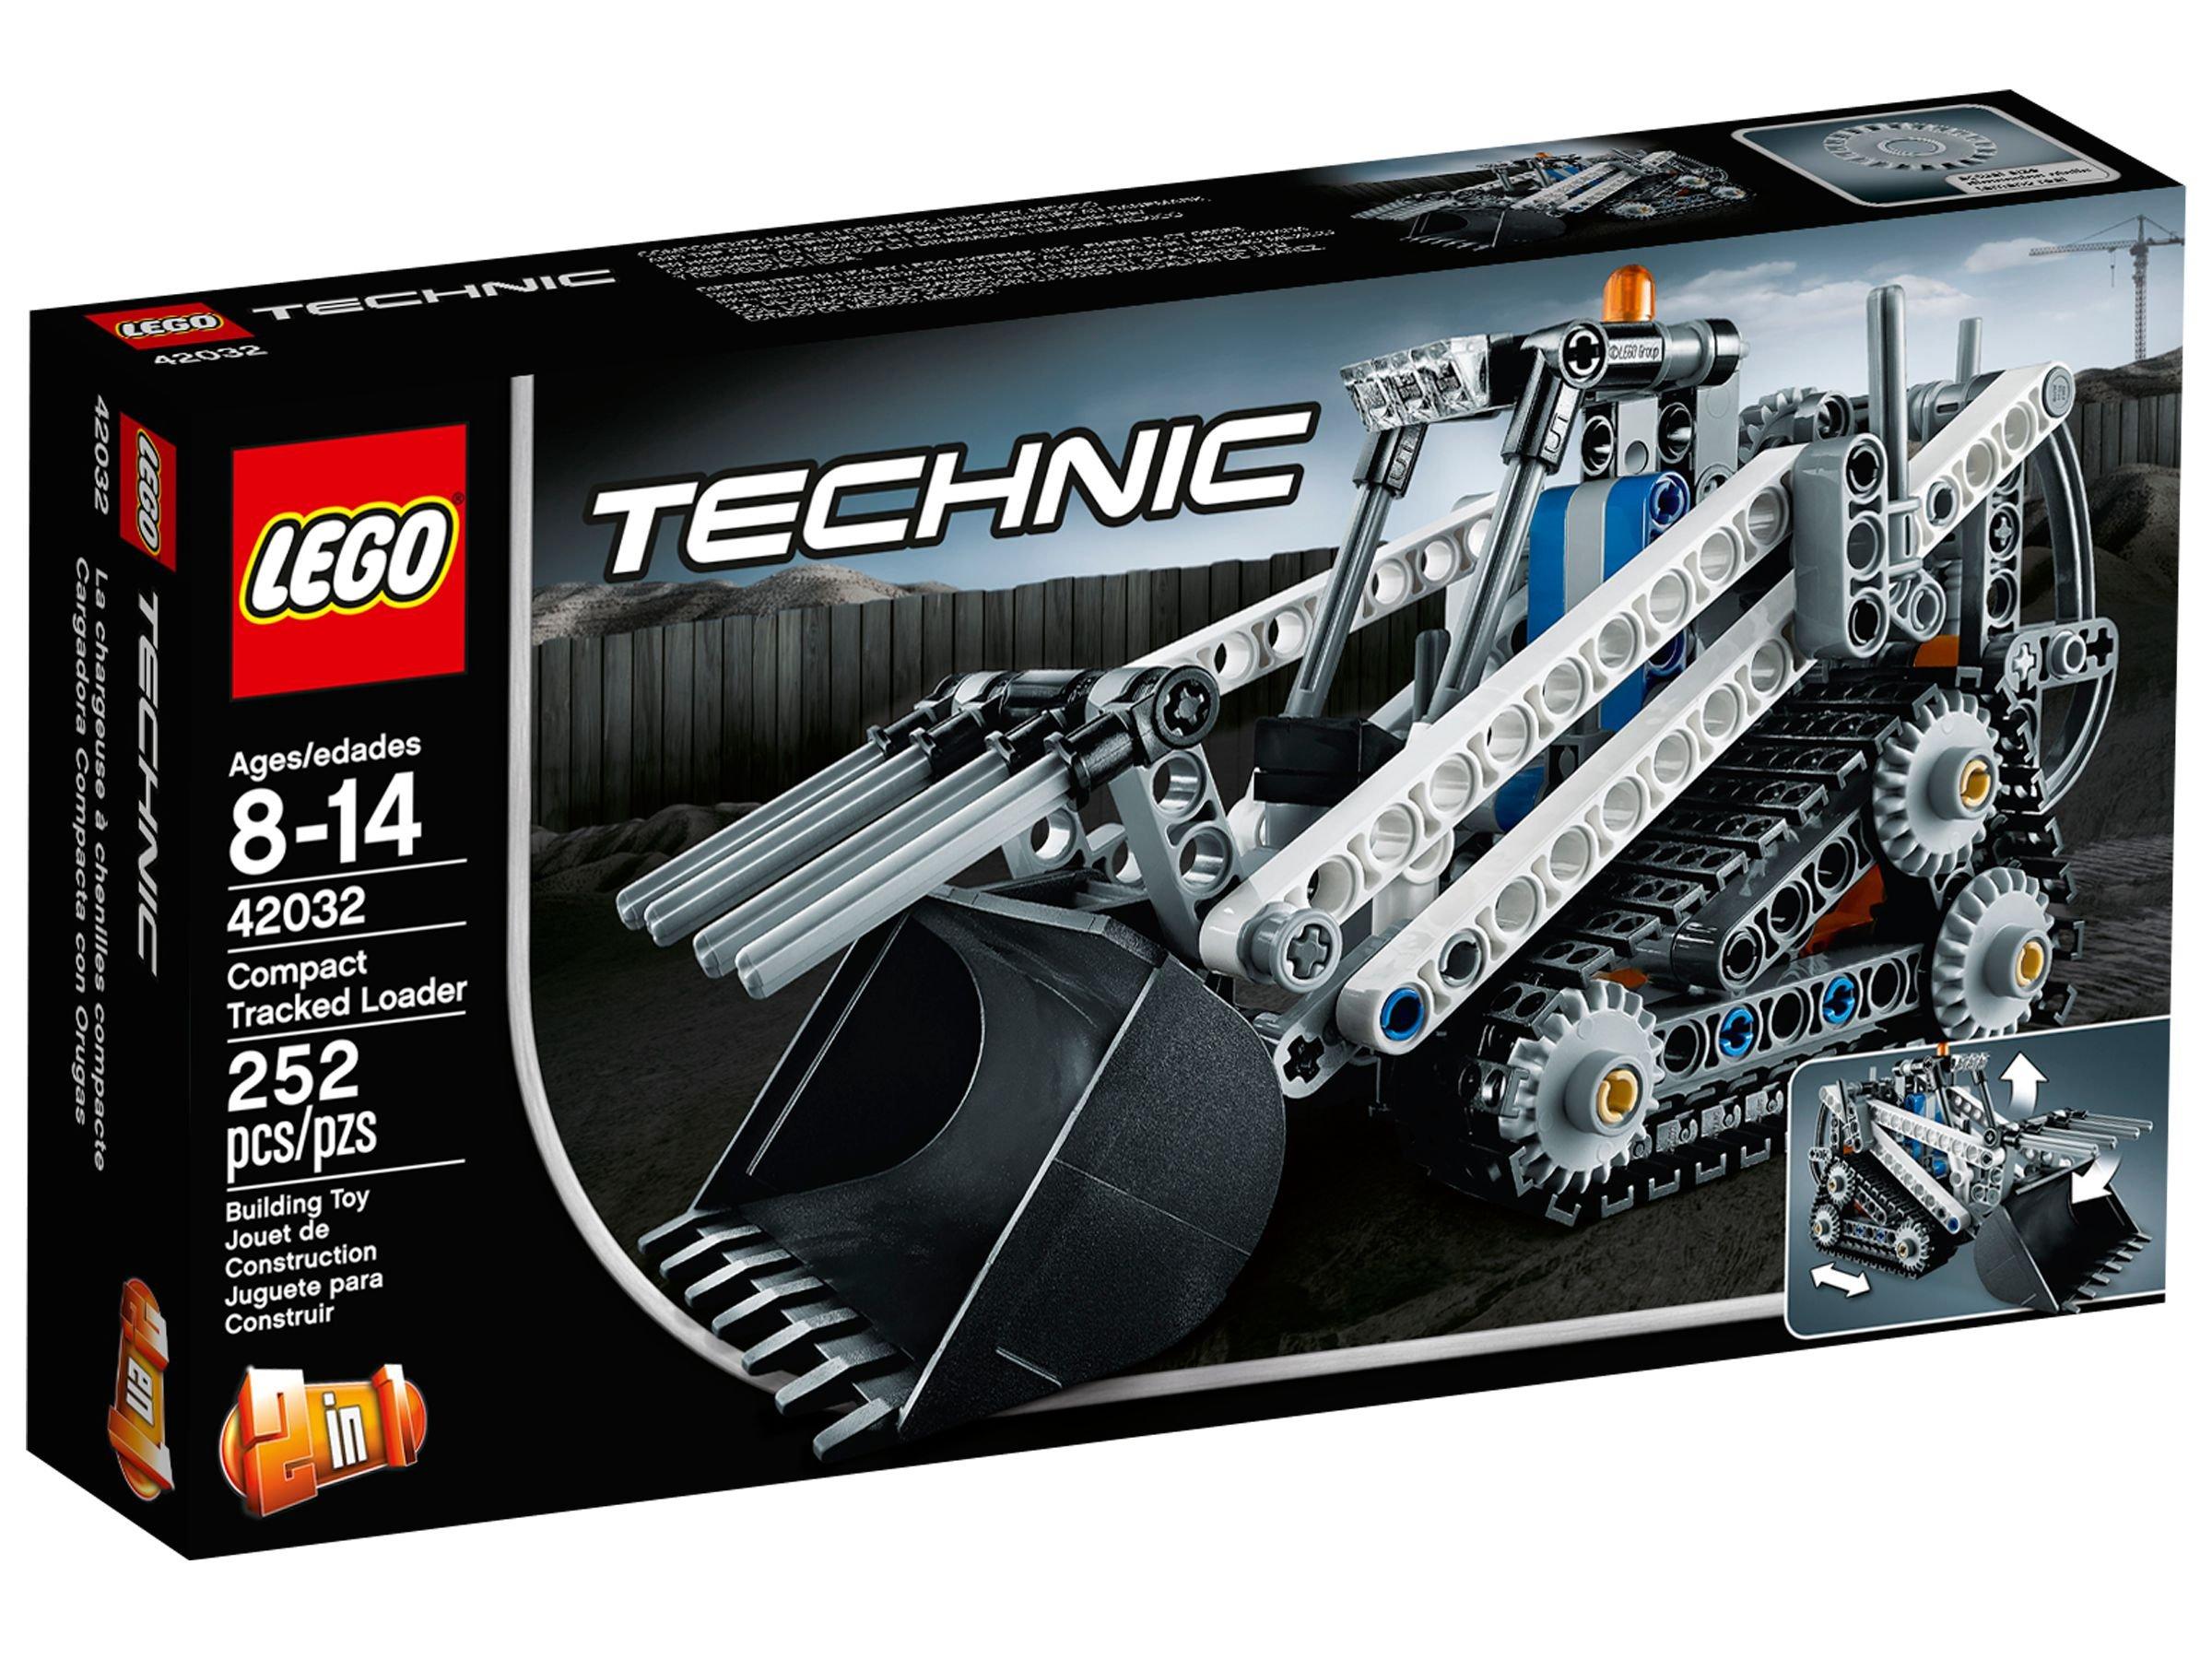 kompakt raupenlader 42032 lego technic 2015 im. Black Bedroom Furniture Sets. Home Design Ideas